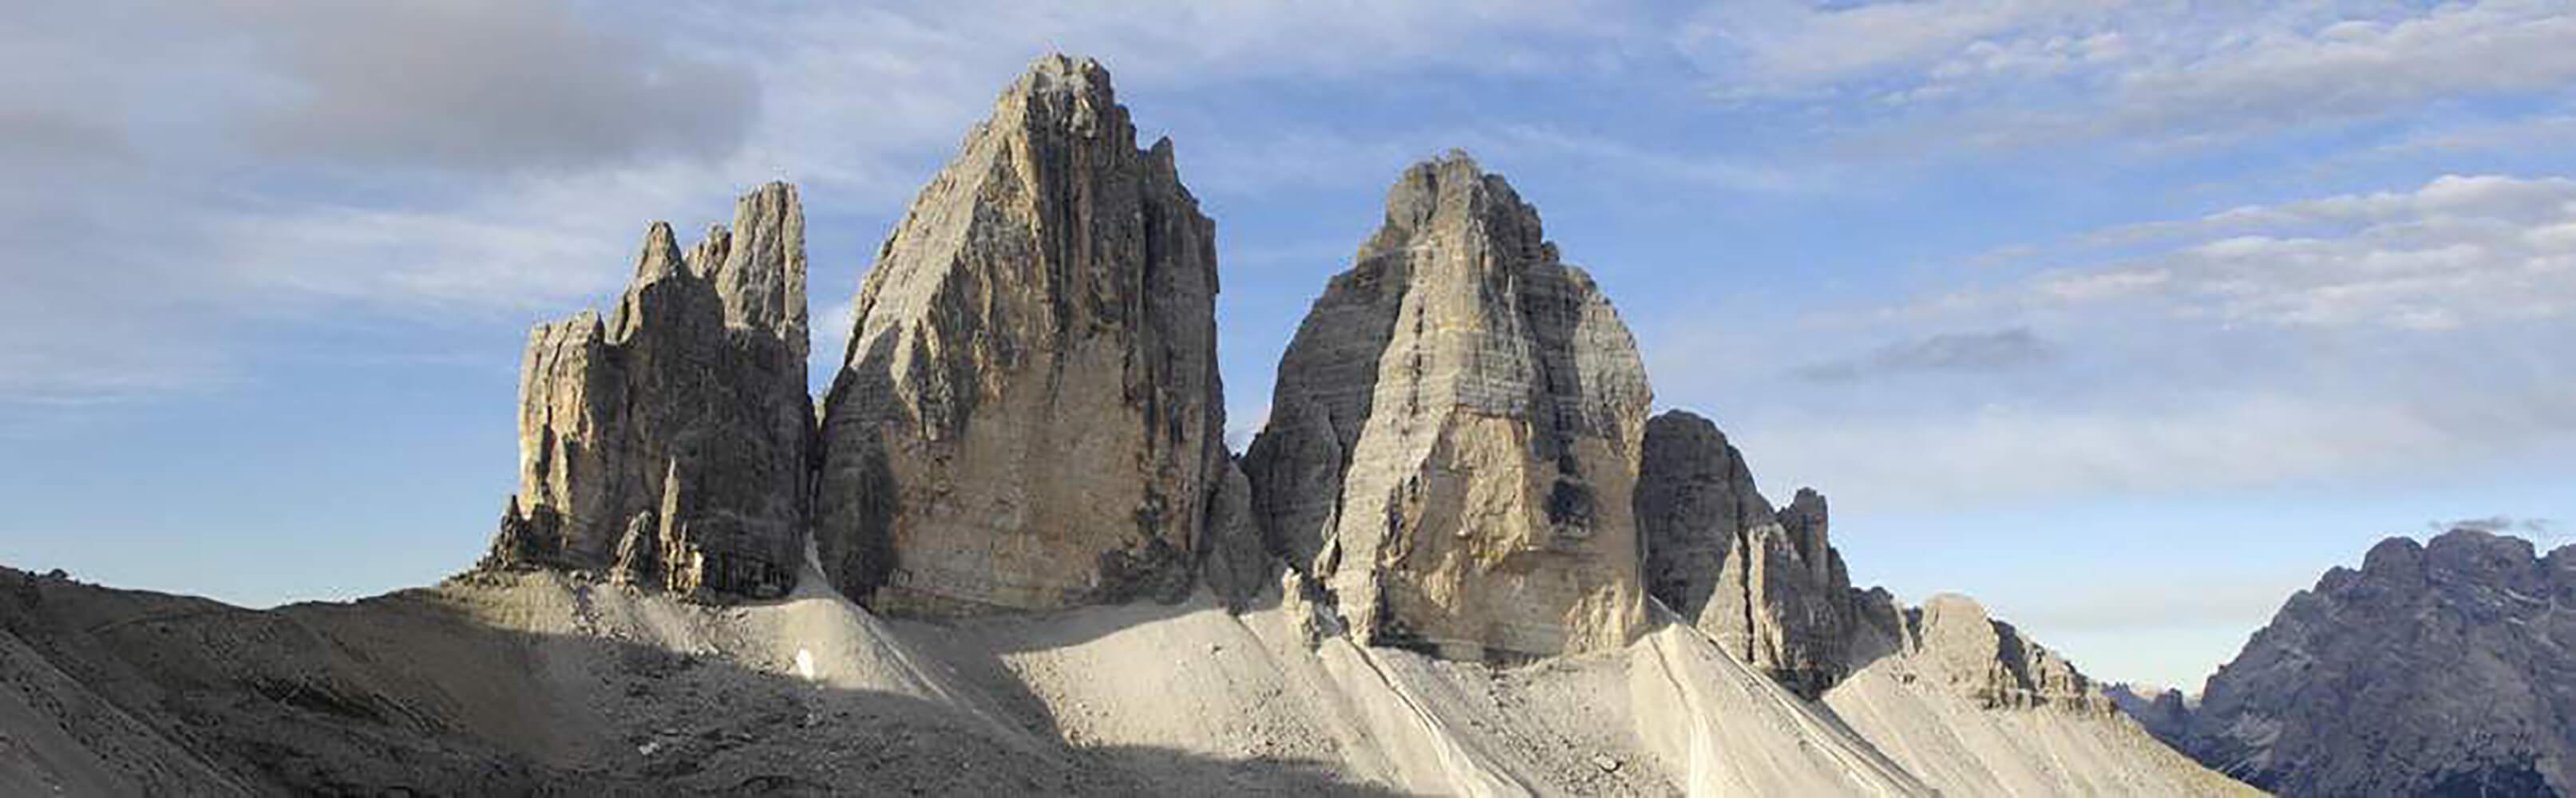 Drei Zinnen Dolomiten - unvergesslicher Urlaub im Pustertal 1